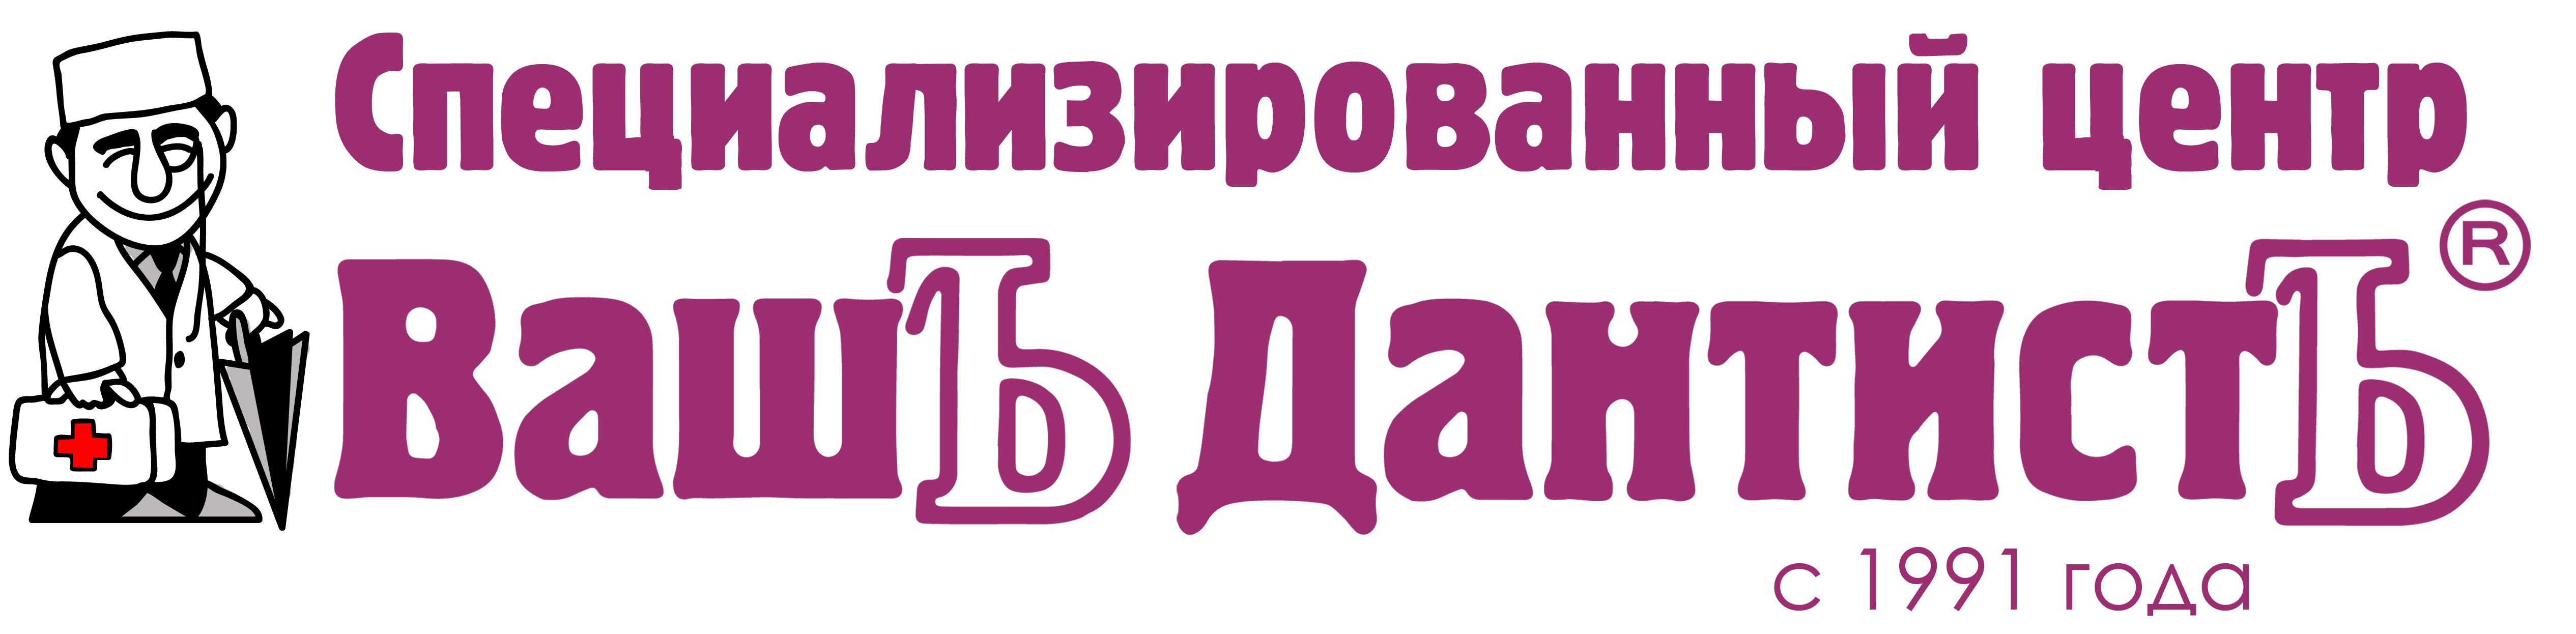 """Стоматологический центр """"ВАШЪ ДАНТИСТЪ"""""""